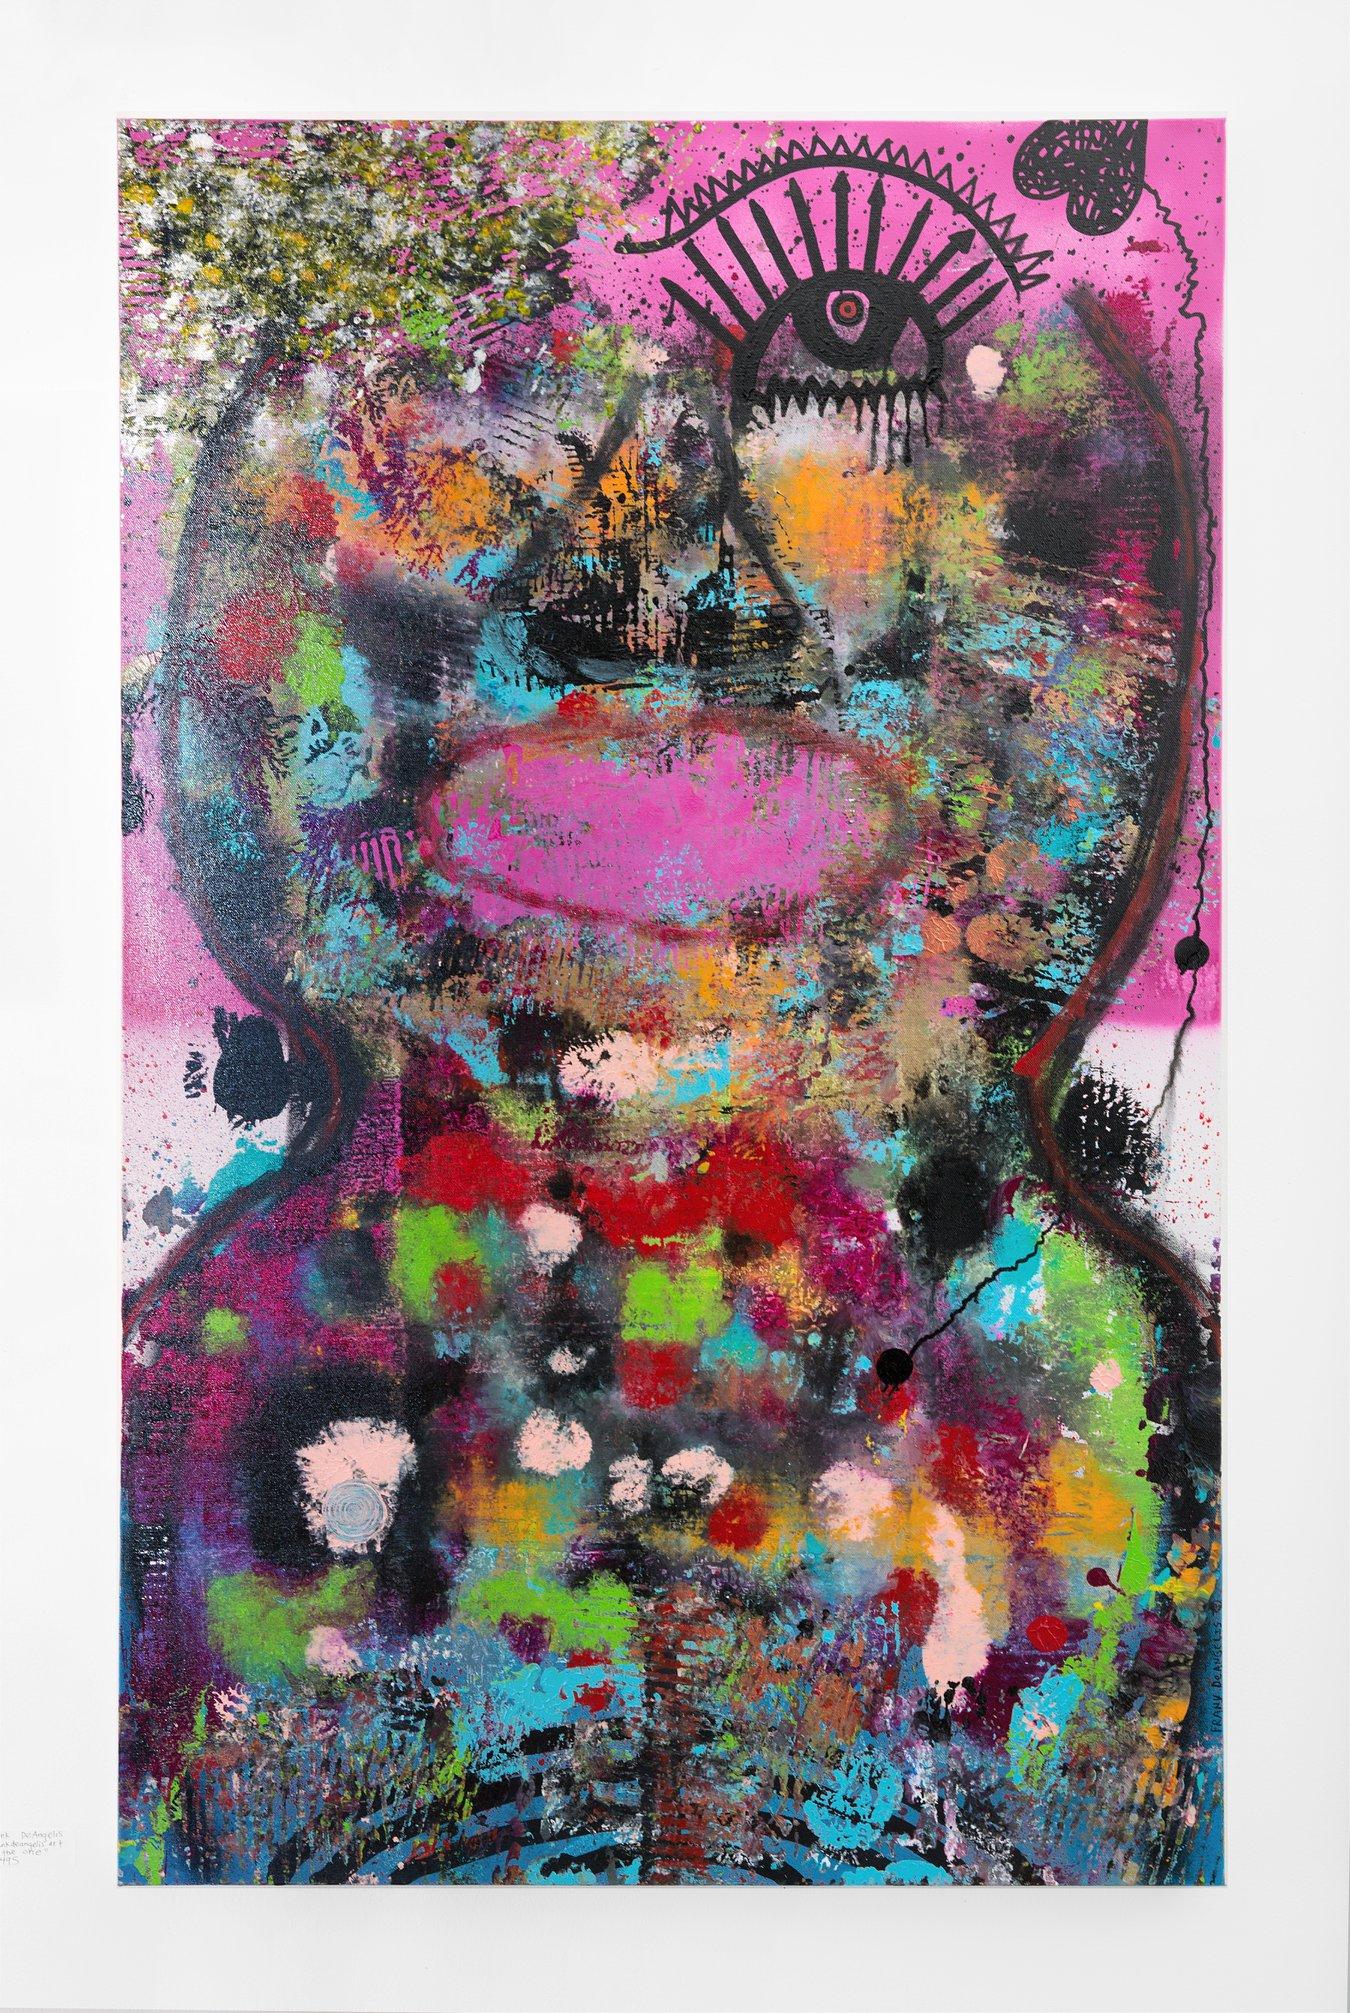 """Frank DeAngelis - """"I'm the one"""" Insta: @FrankDeAngelisArt   For Sale: $495"""